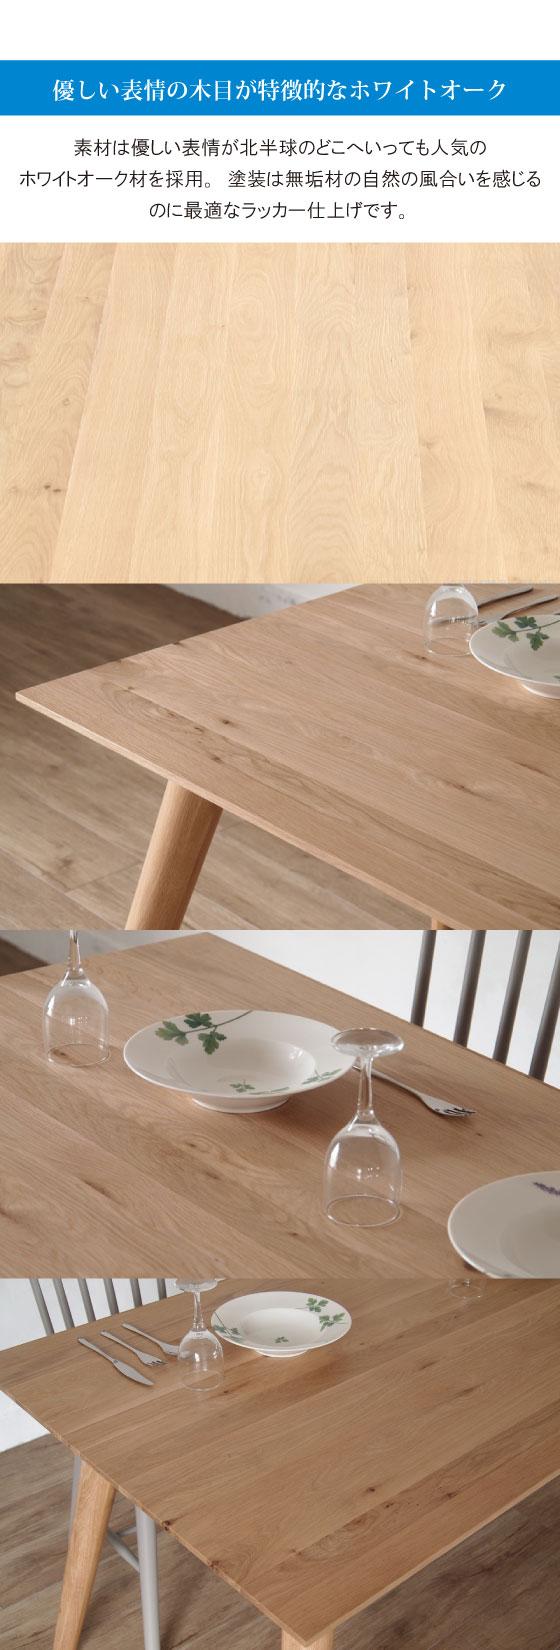 幅180cm・天然木ホワイトオーク製デザイナーズ食卓テーブル